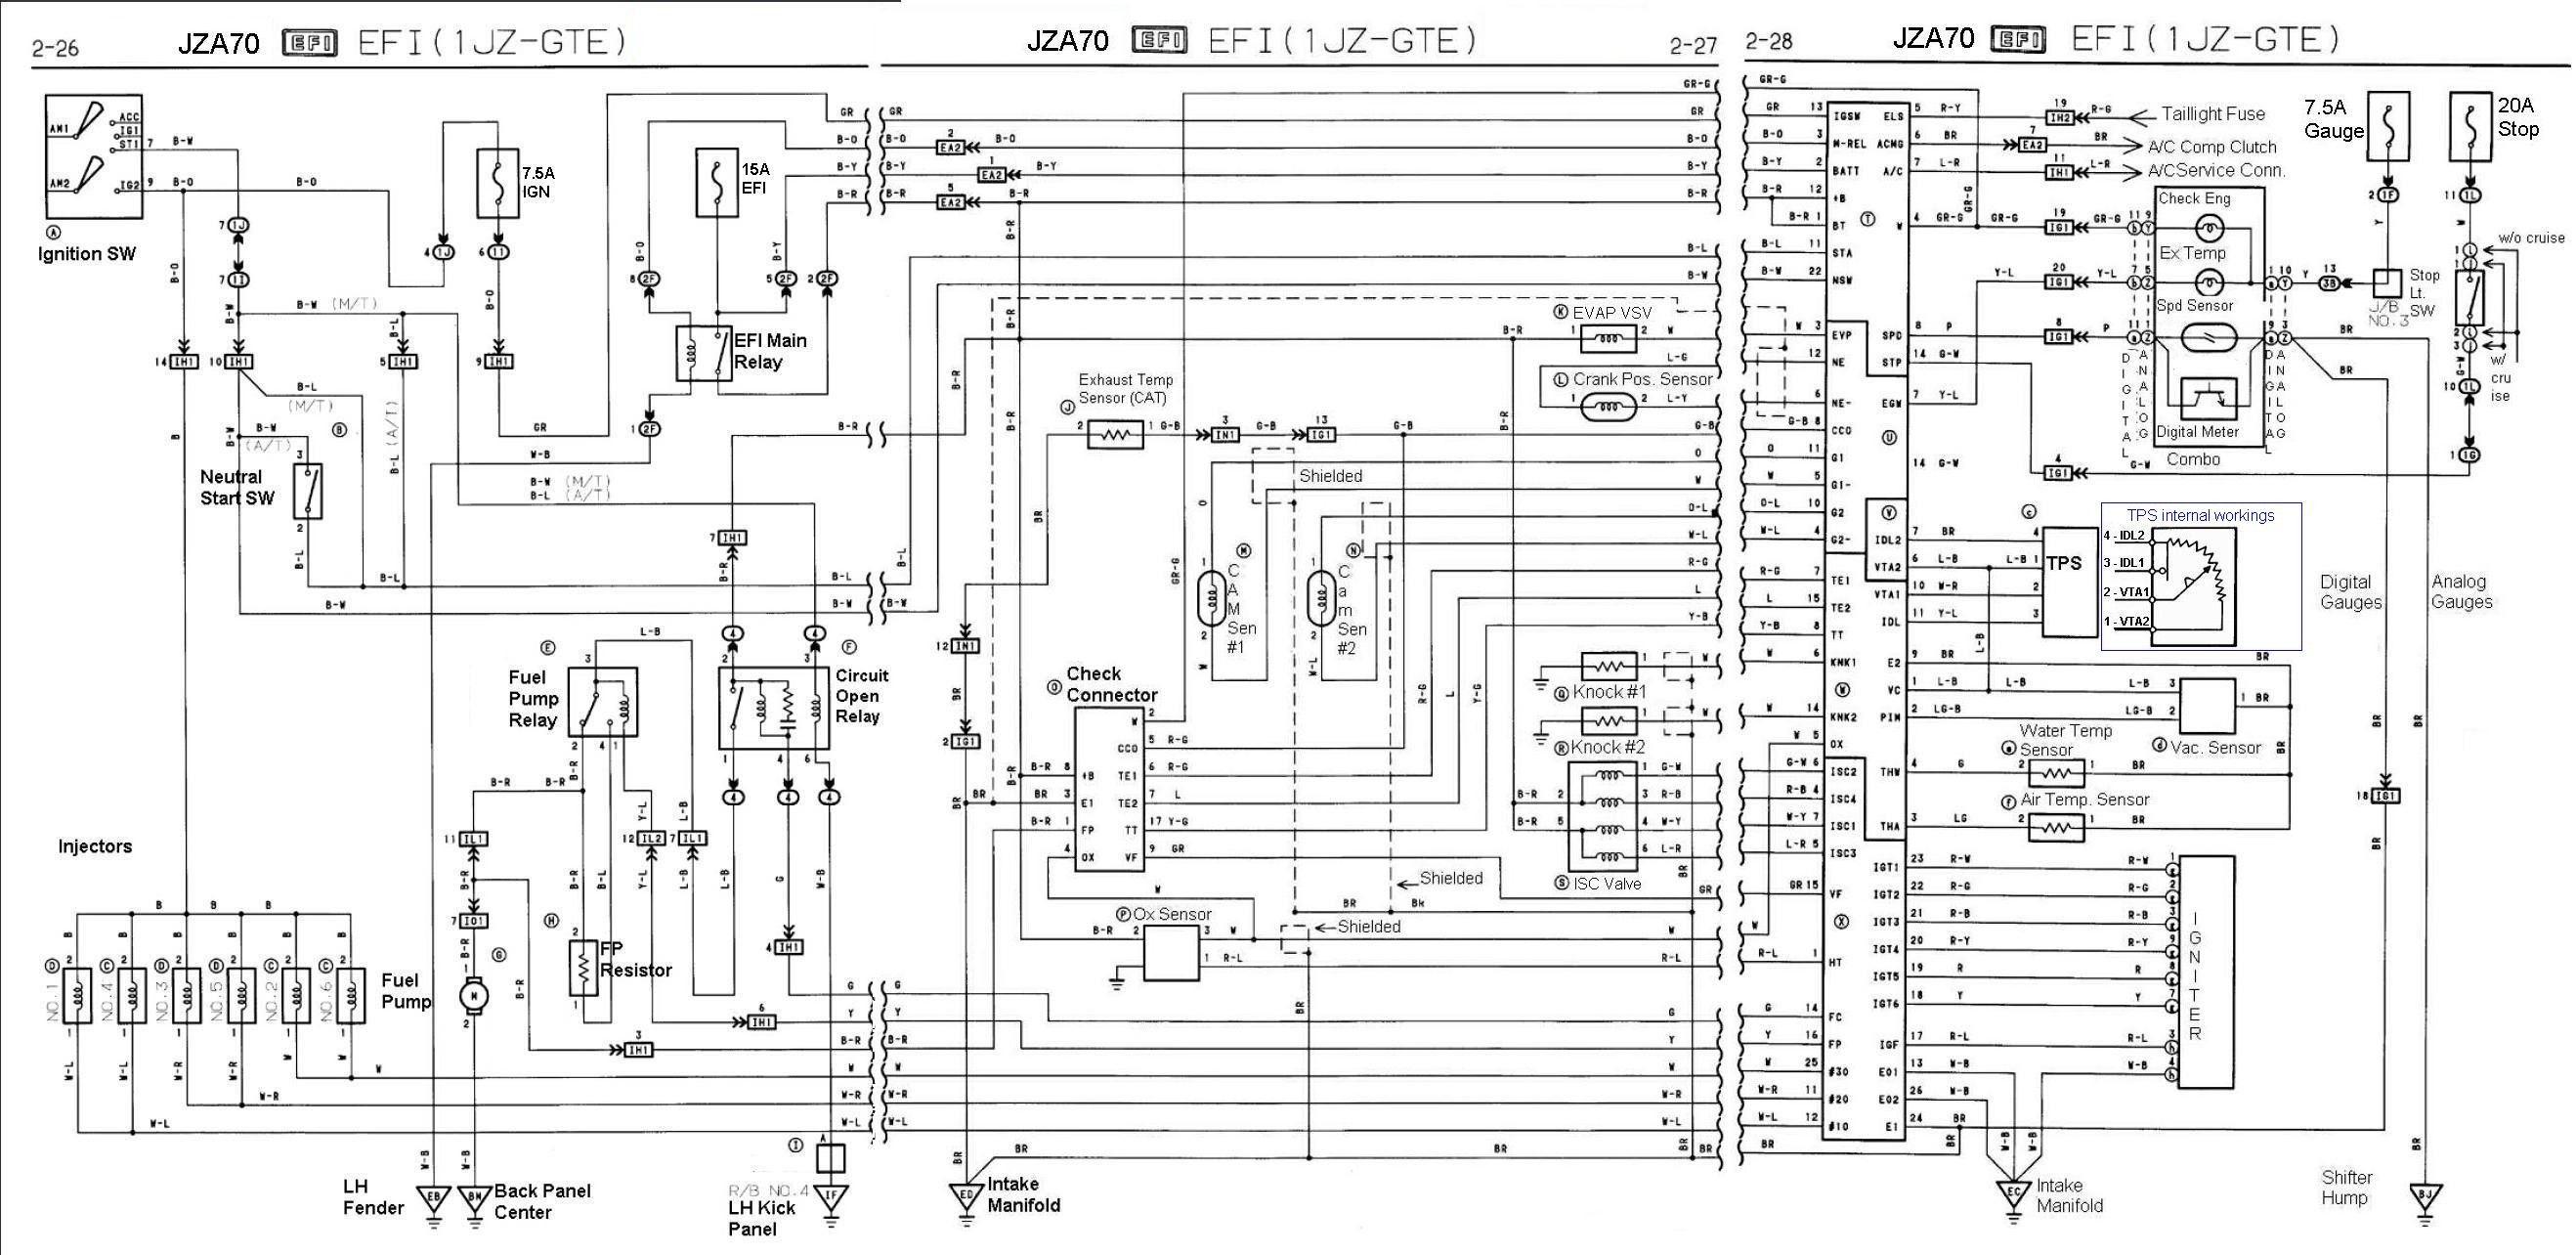 New Wiring Diagram For Bmw E46 Diagram Diagramtemplate Diagramsample E36 M3 Jetta Mk5